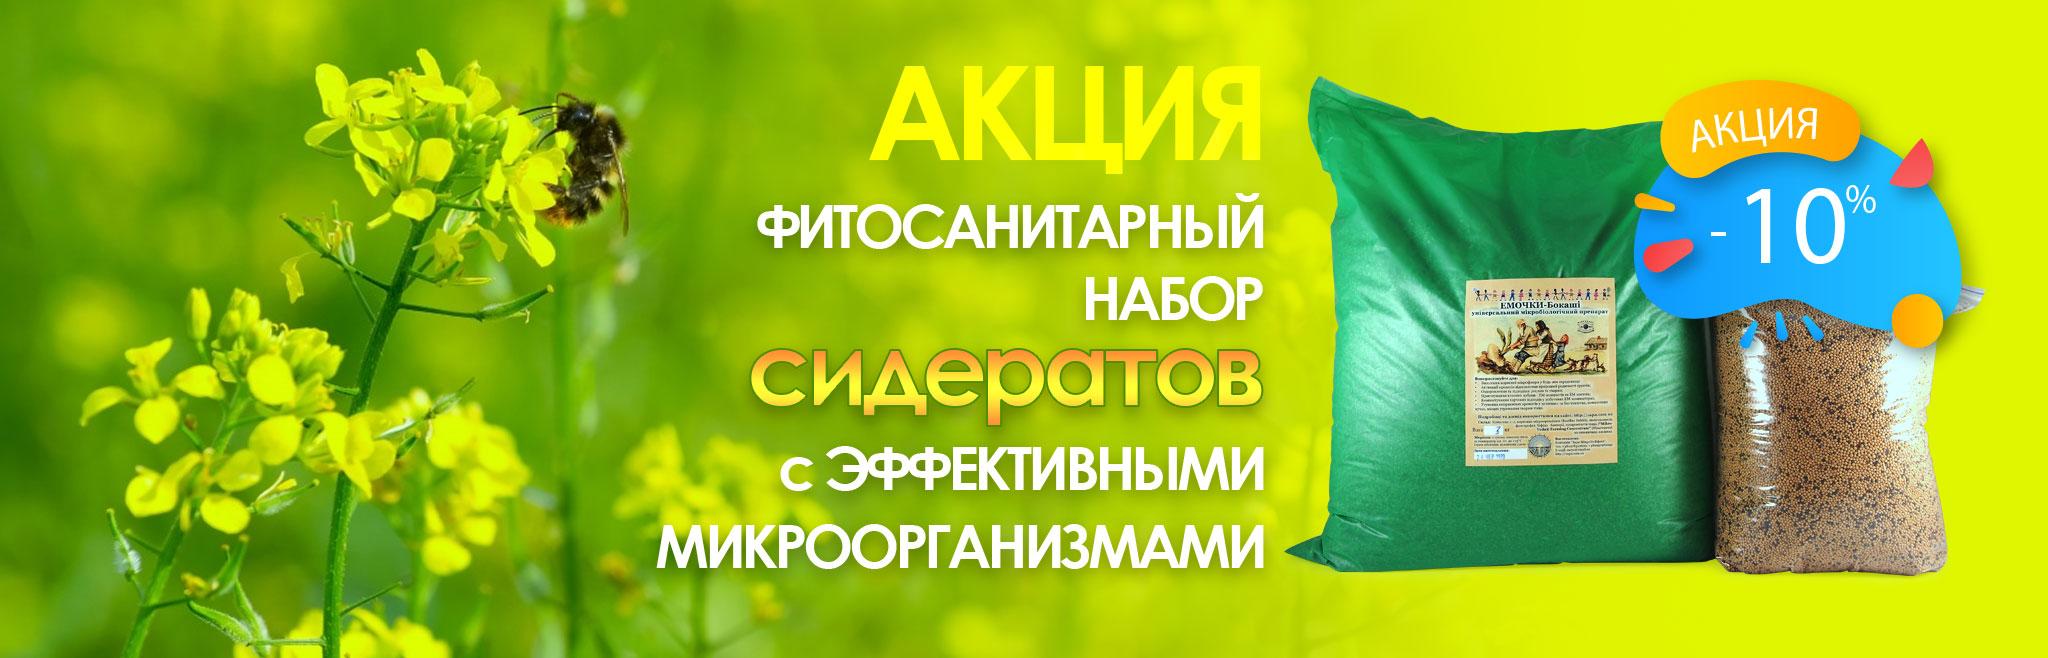 zarya banner 02 - Заря микробиоэффект купить бокаши, эмочки, защита растений, удобрения